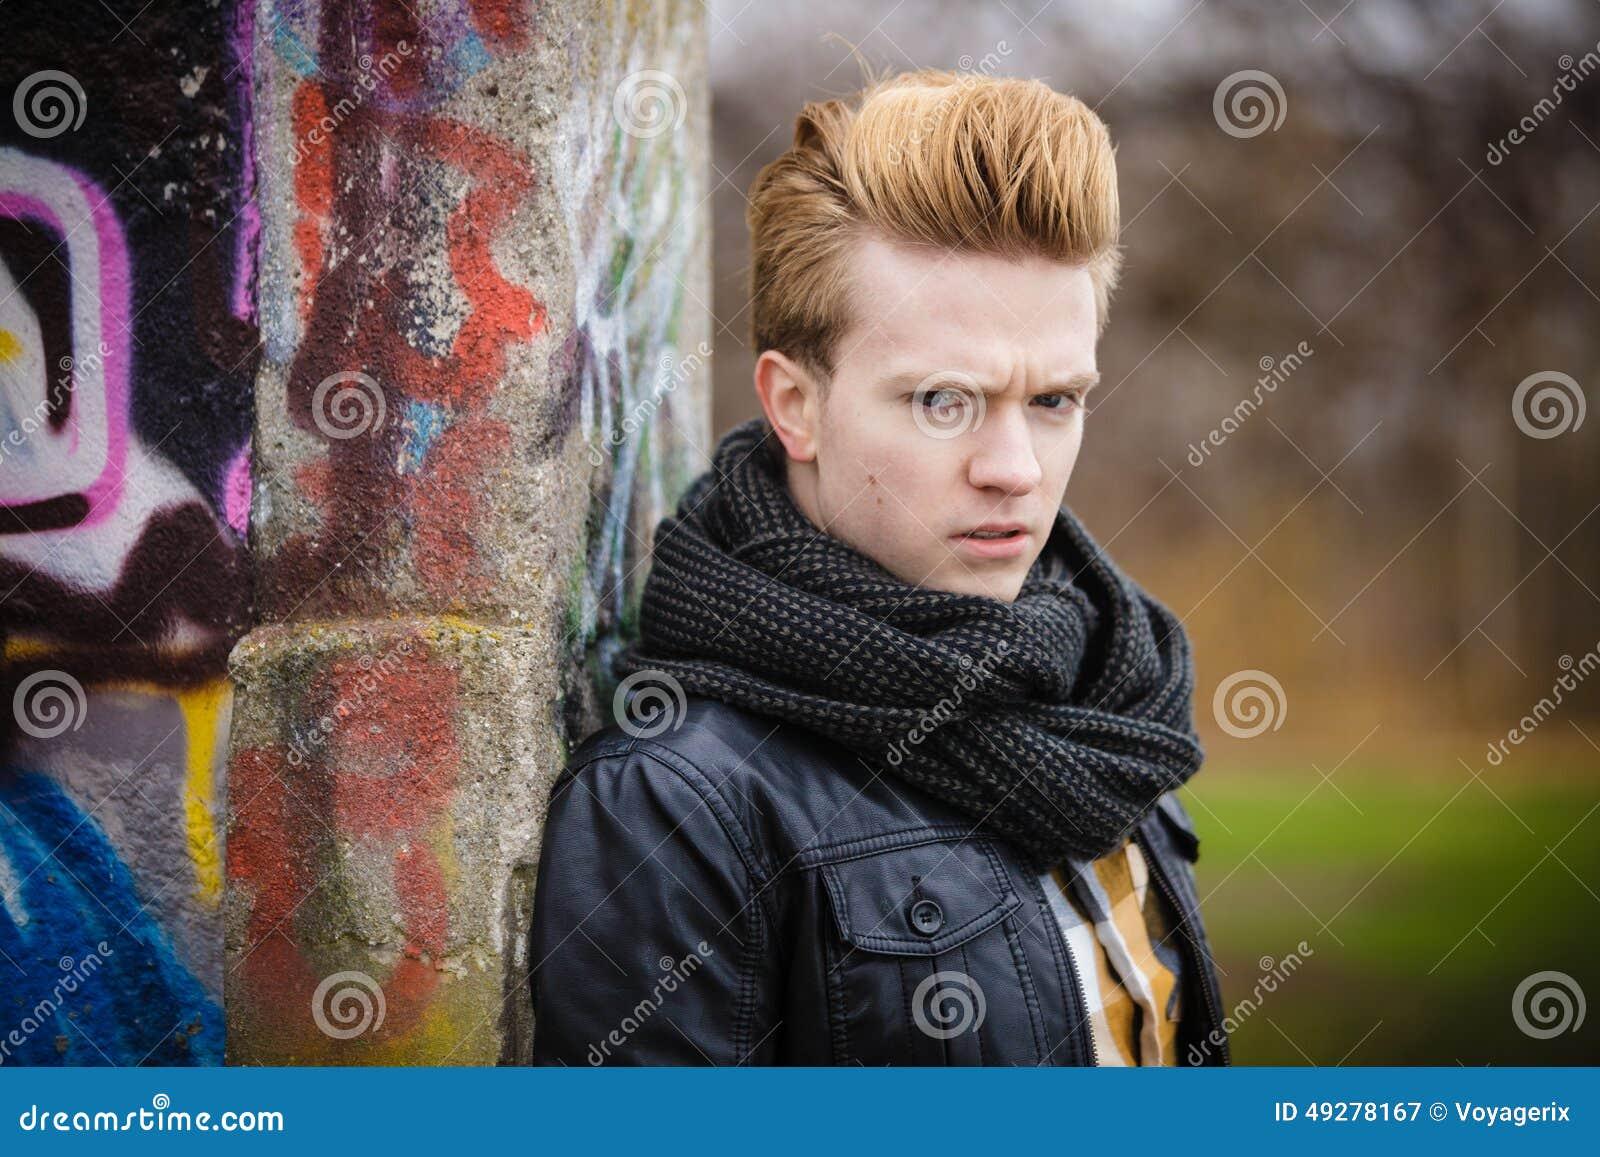 Fashion Male Portrait On Graffiti Wall Stock Image , Image